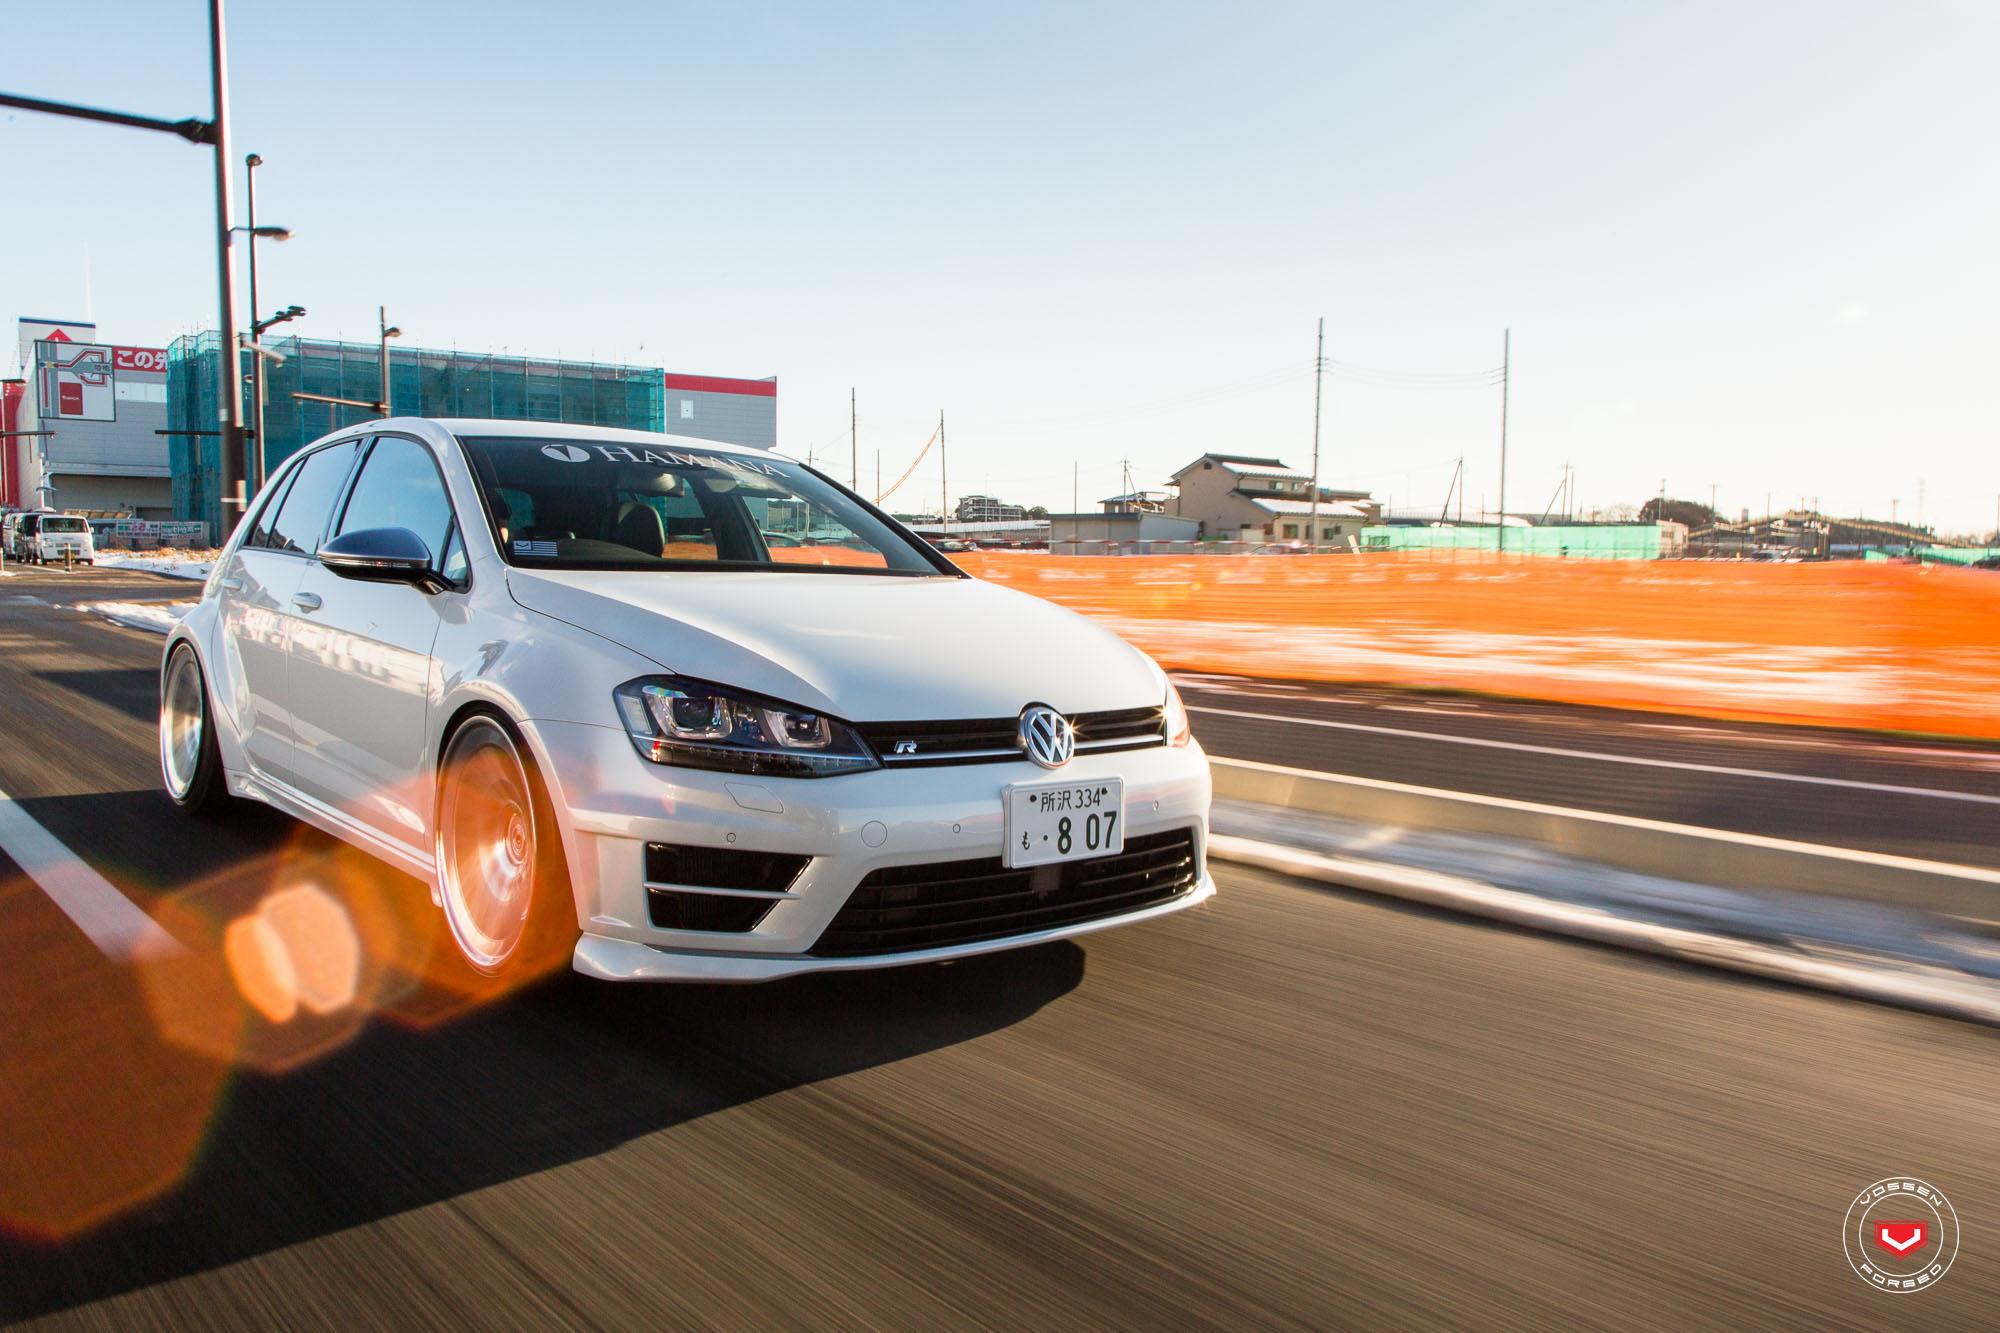 Widebody Golf R Gets Lip Concept Vossen Wheels in Japan - autoevolution